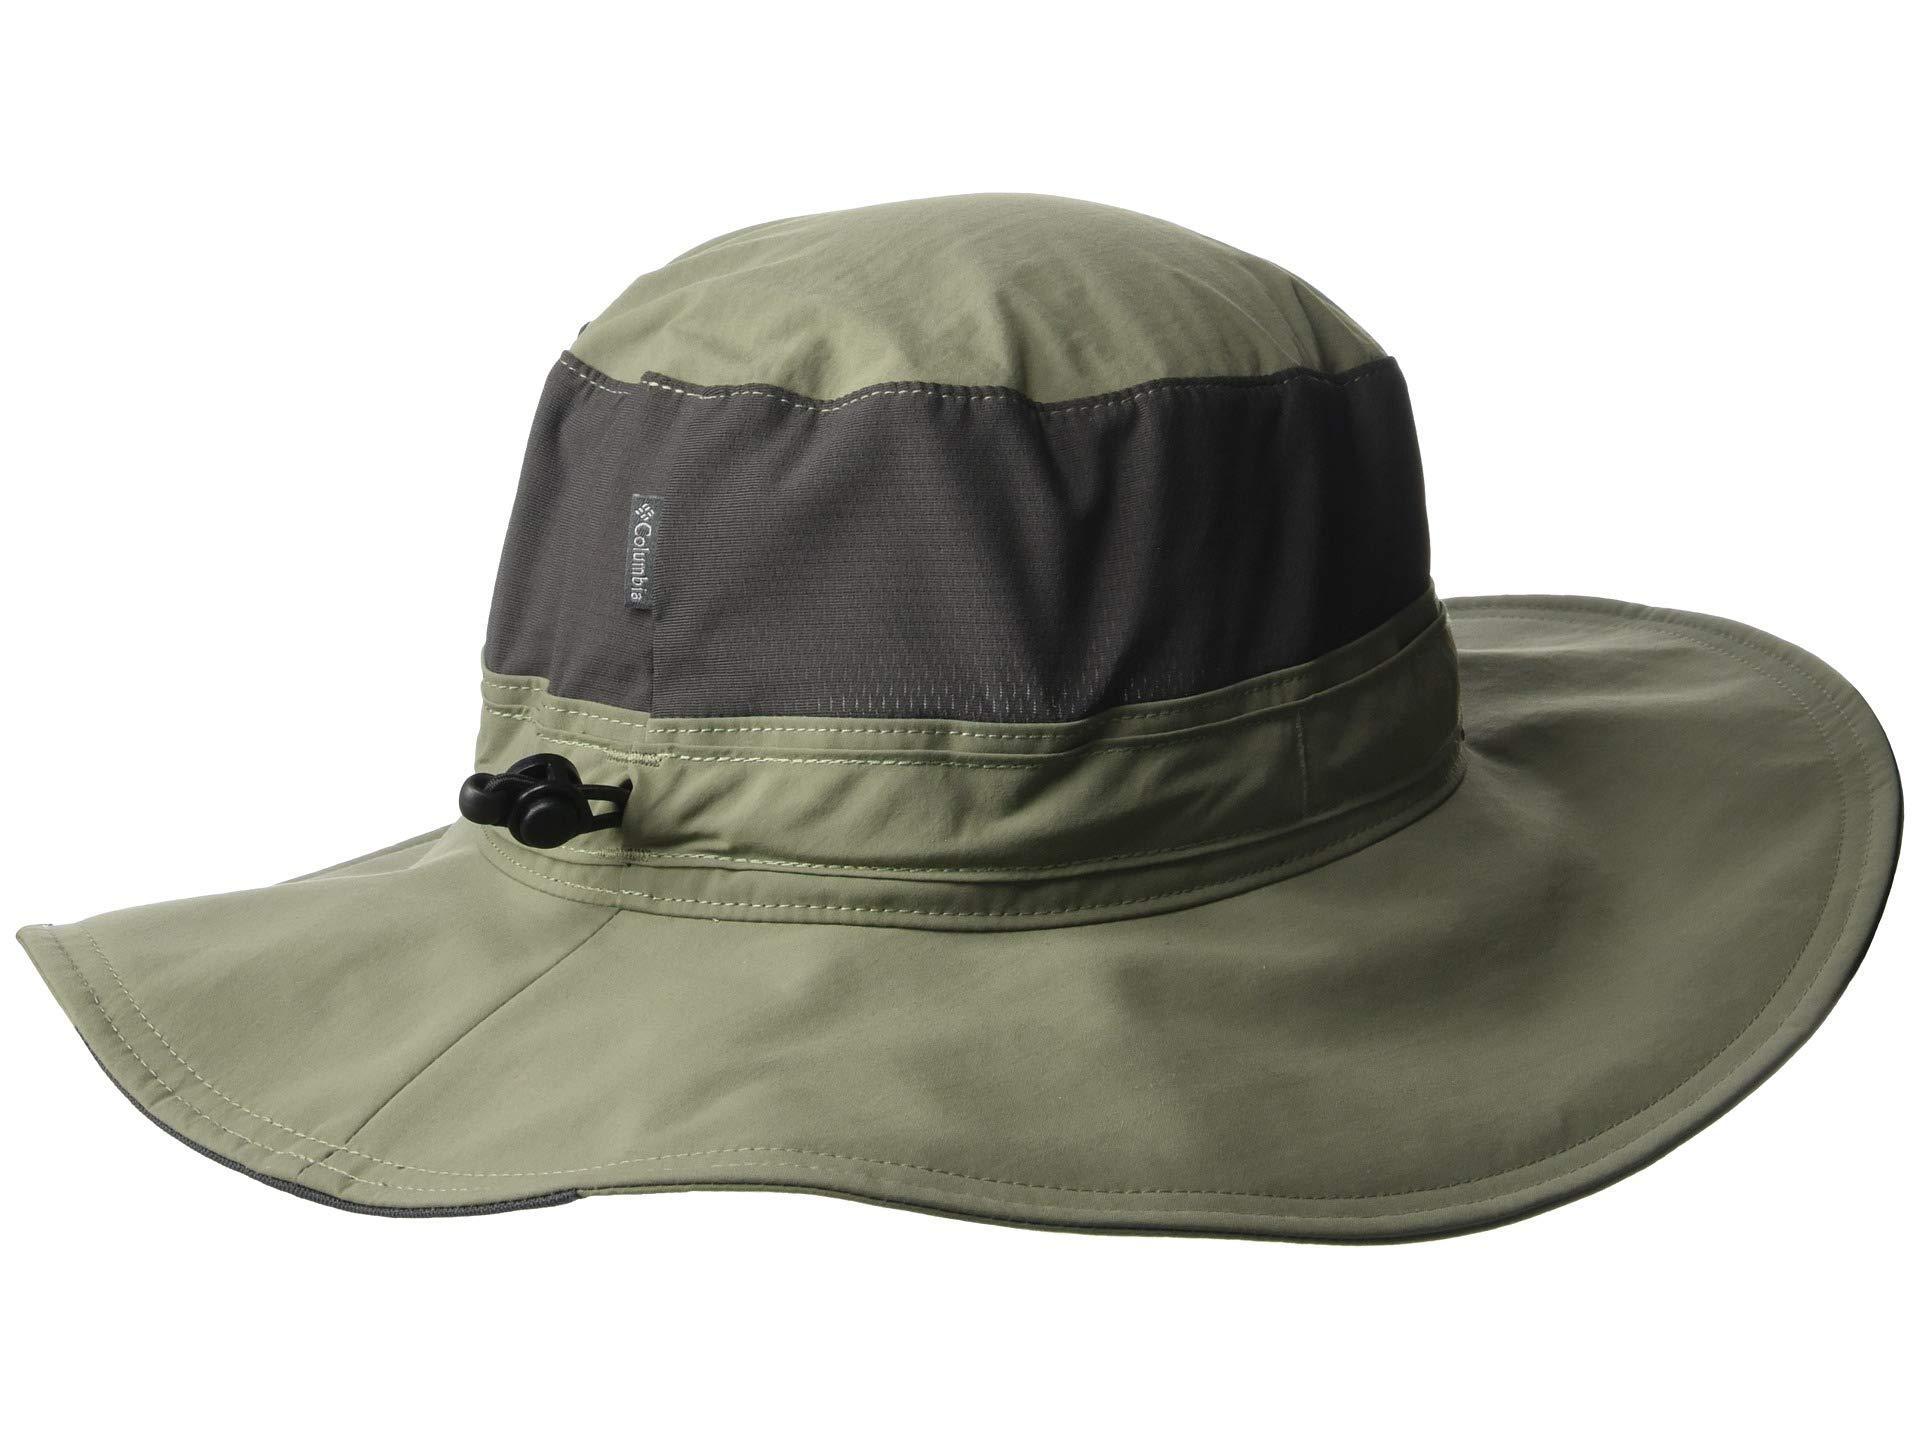 bd847576113 Lyst - Columbia Coolheadtm Ii Zero Booney (cypress) Caps in Green ...